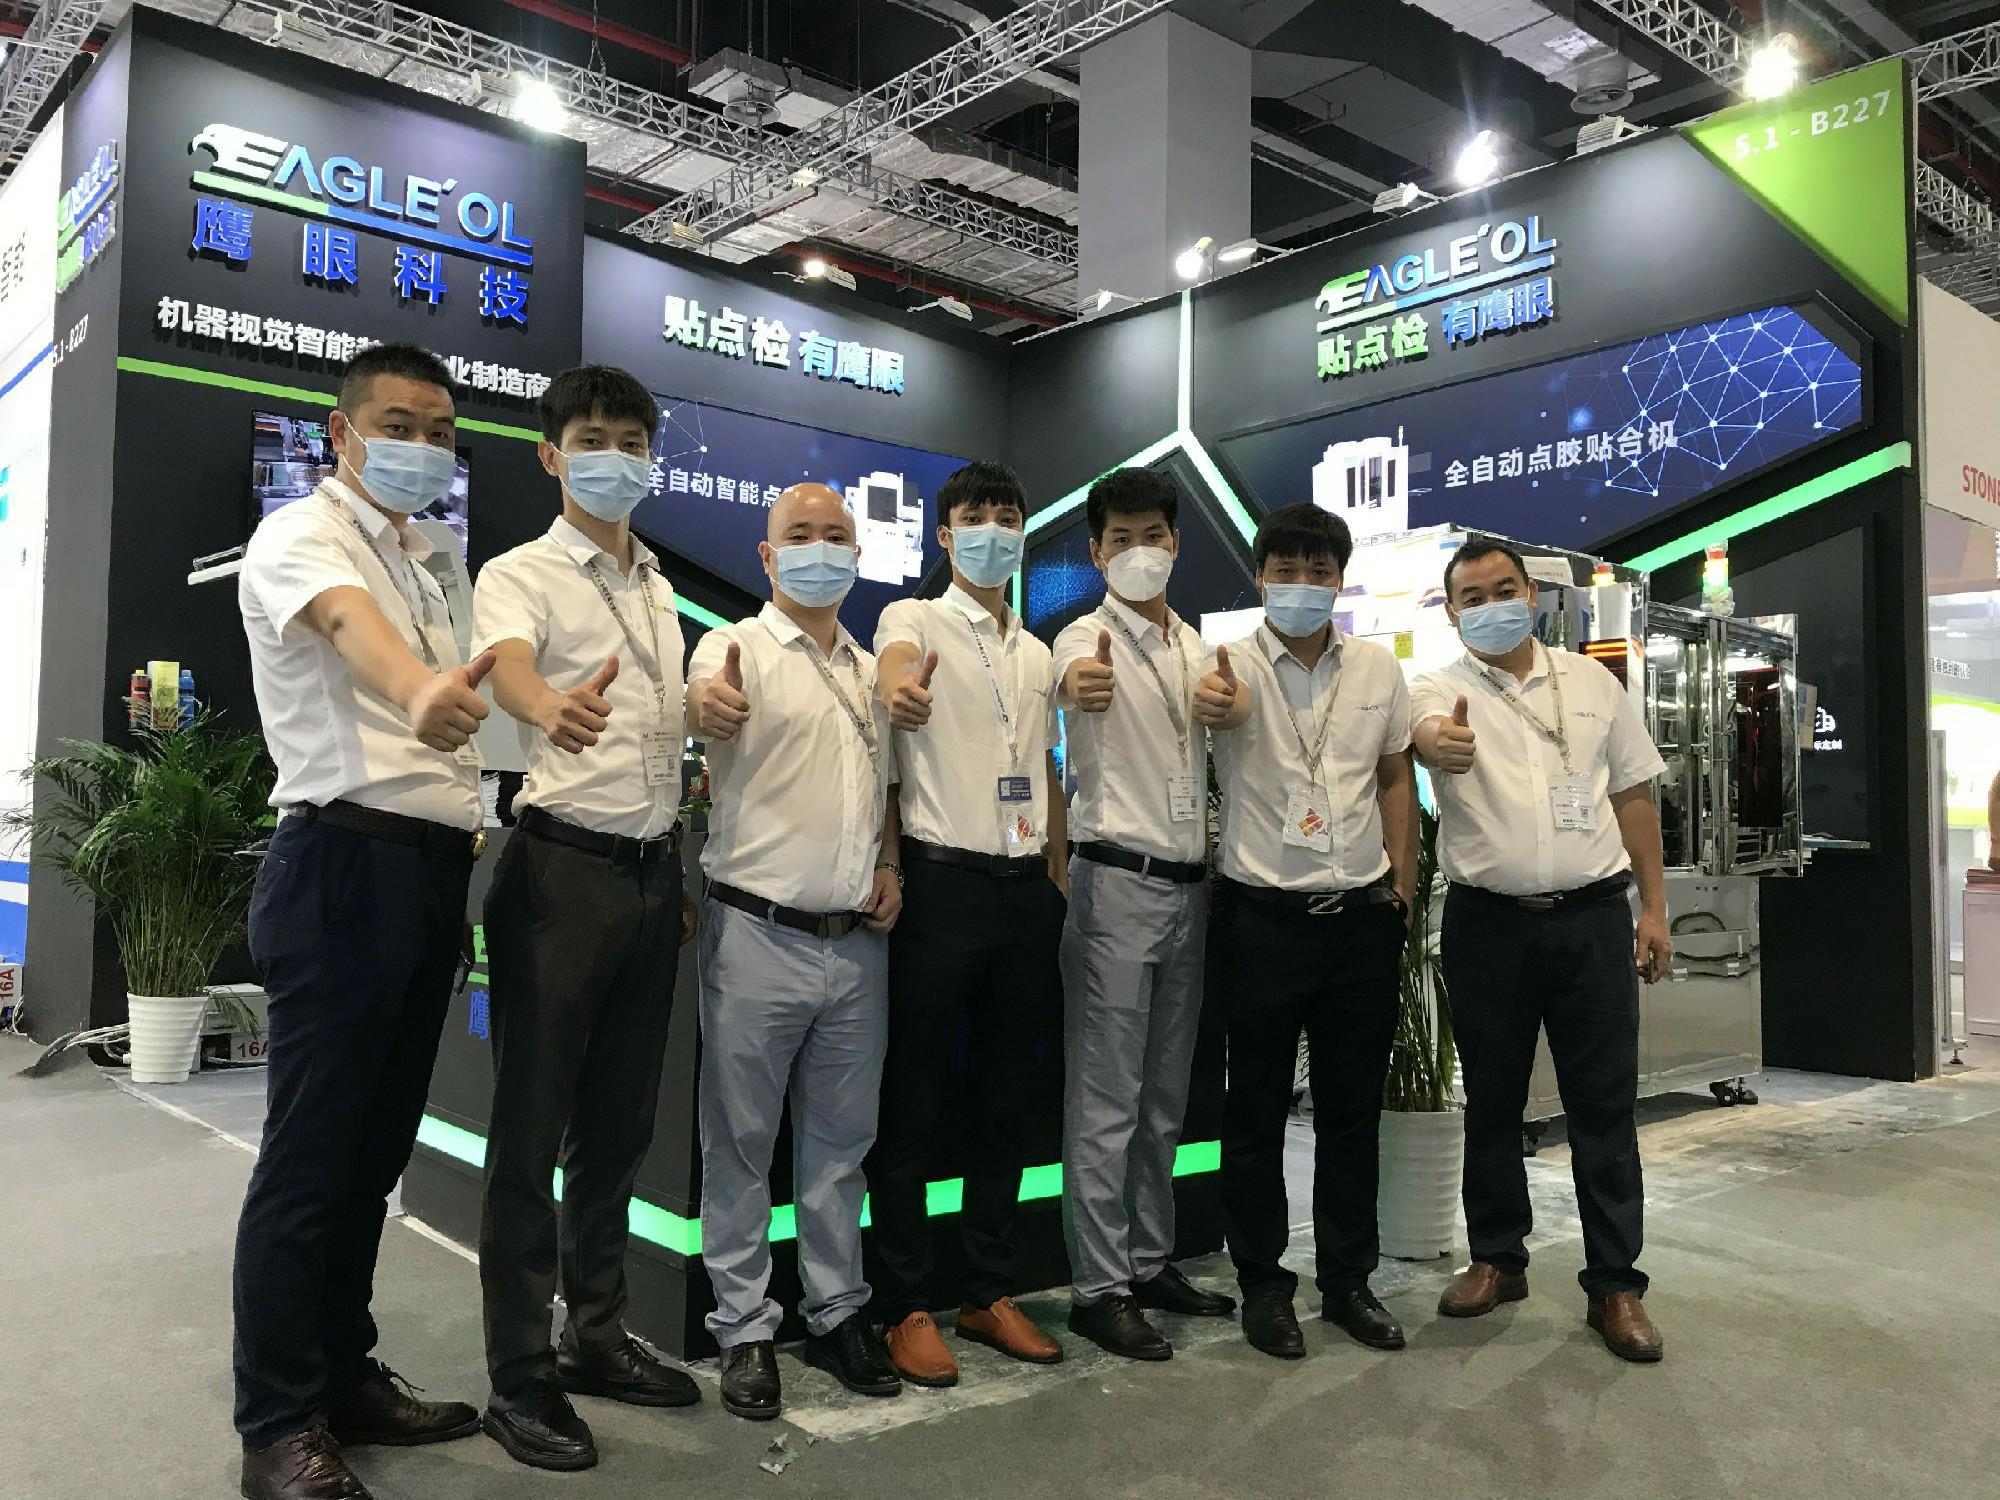 鷹眼科技邀您共赴2020中國國際光電博覽會